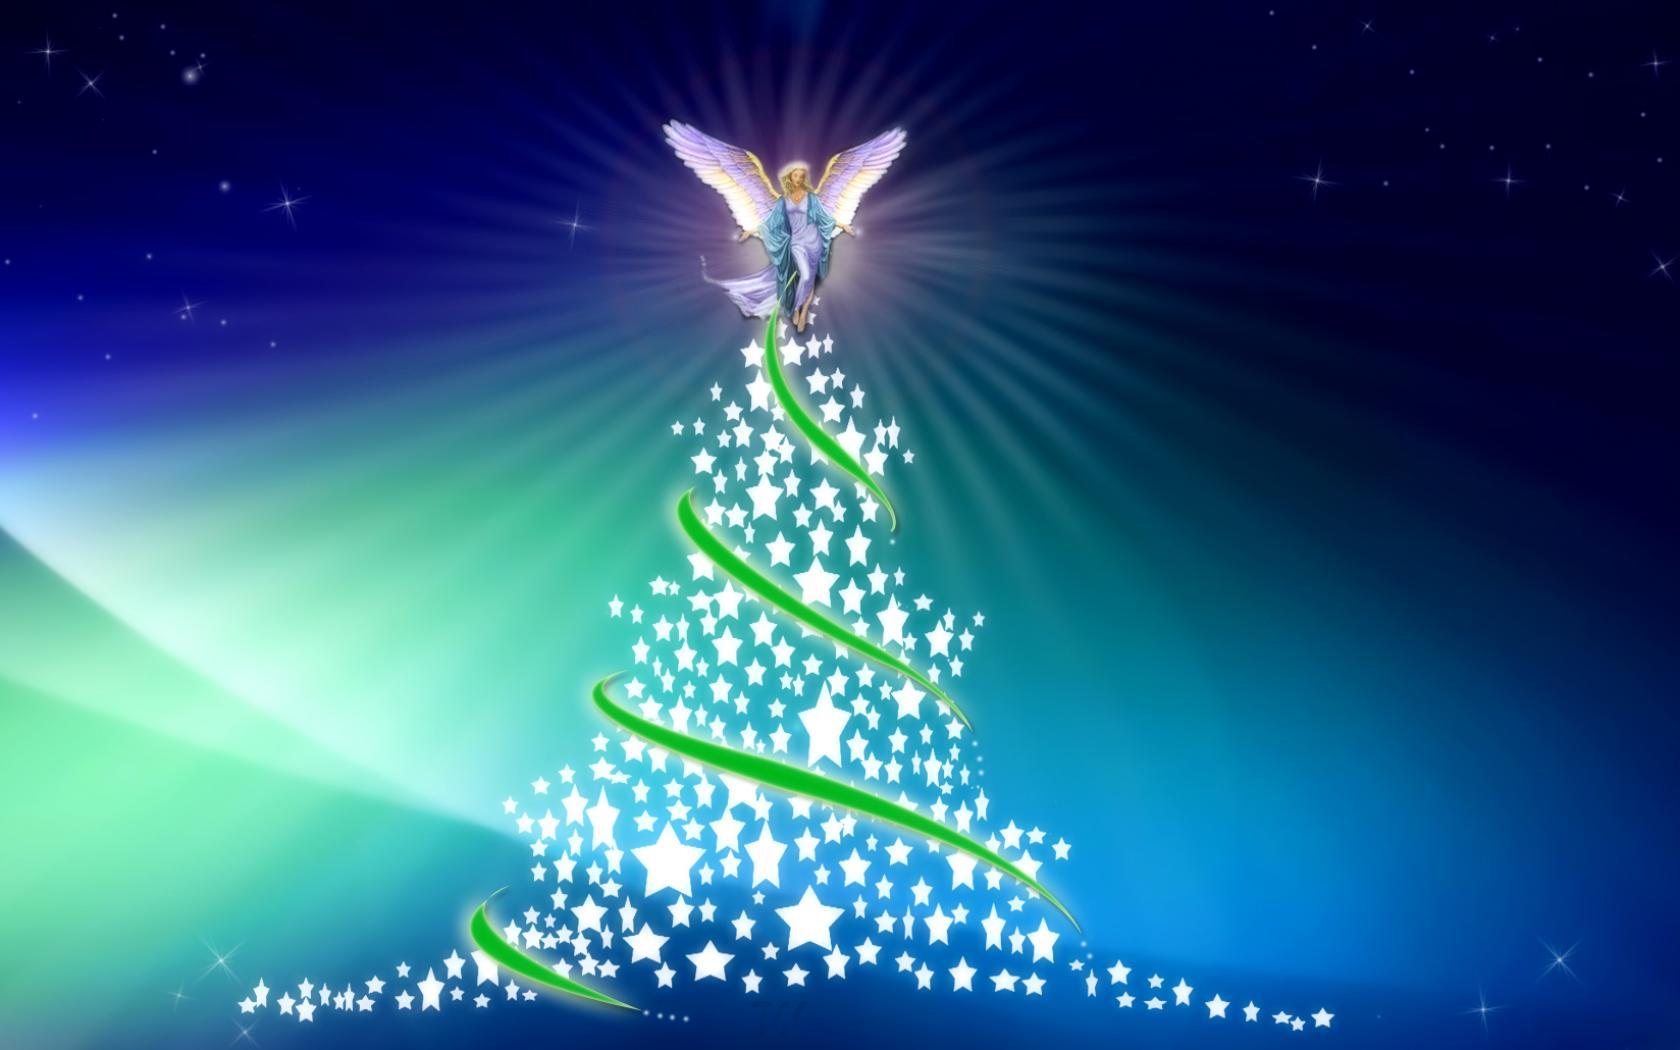 светящиеся открытки к новому году жительница